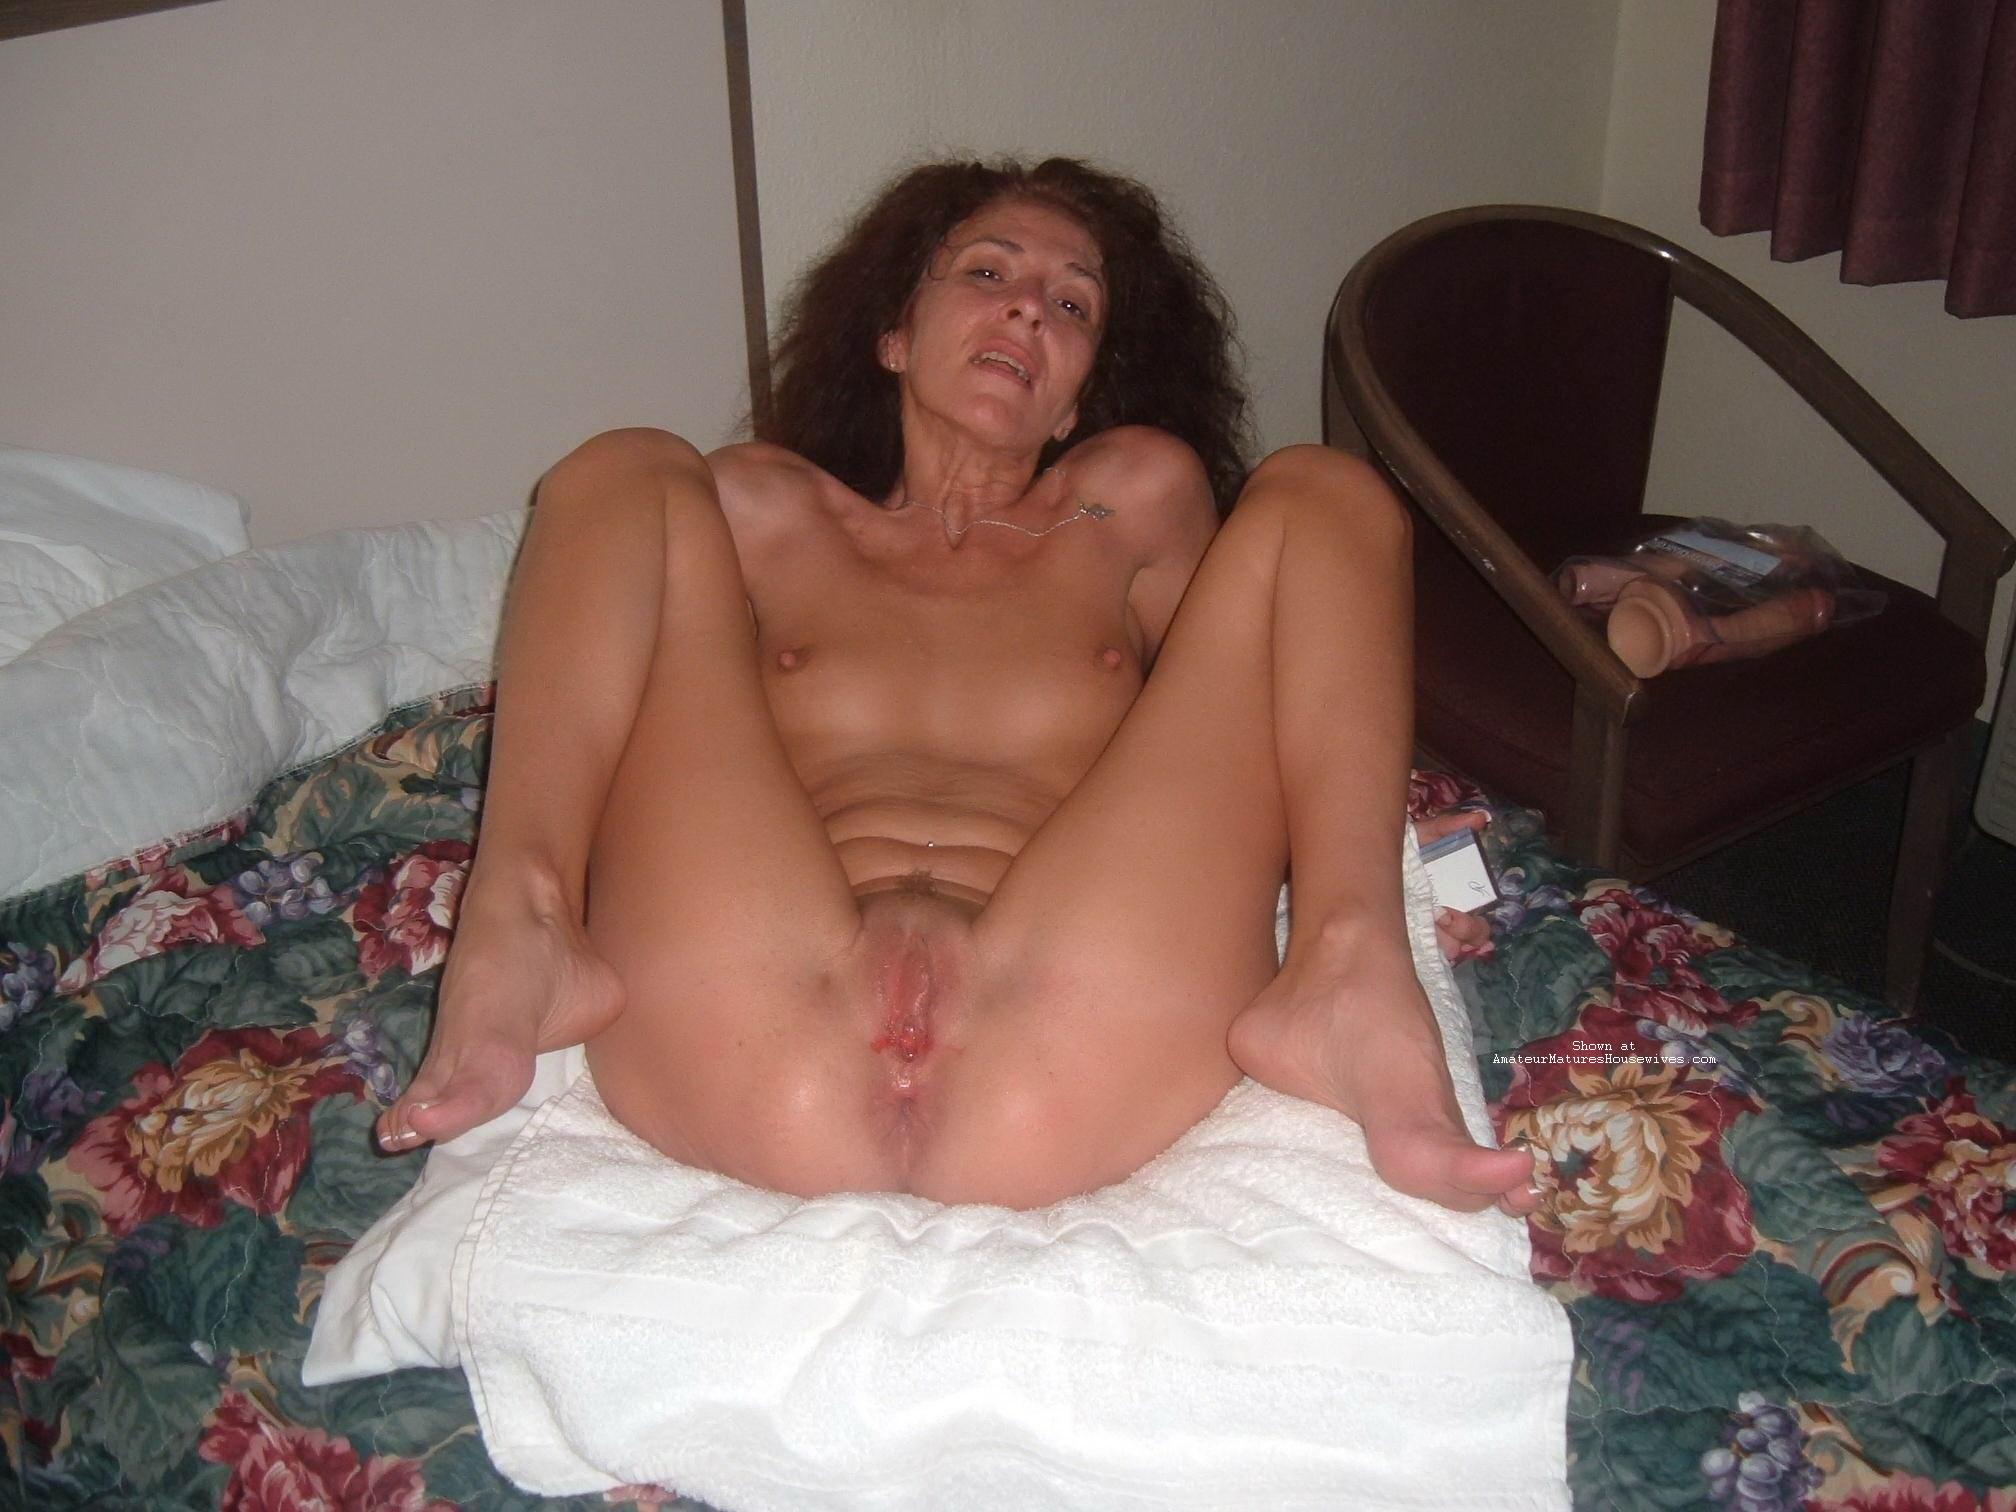 Big real mom spread nude euphemism